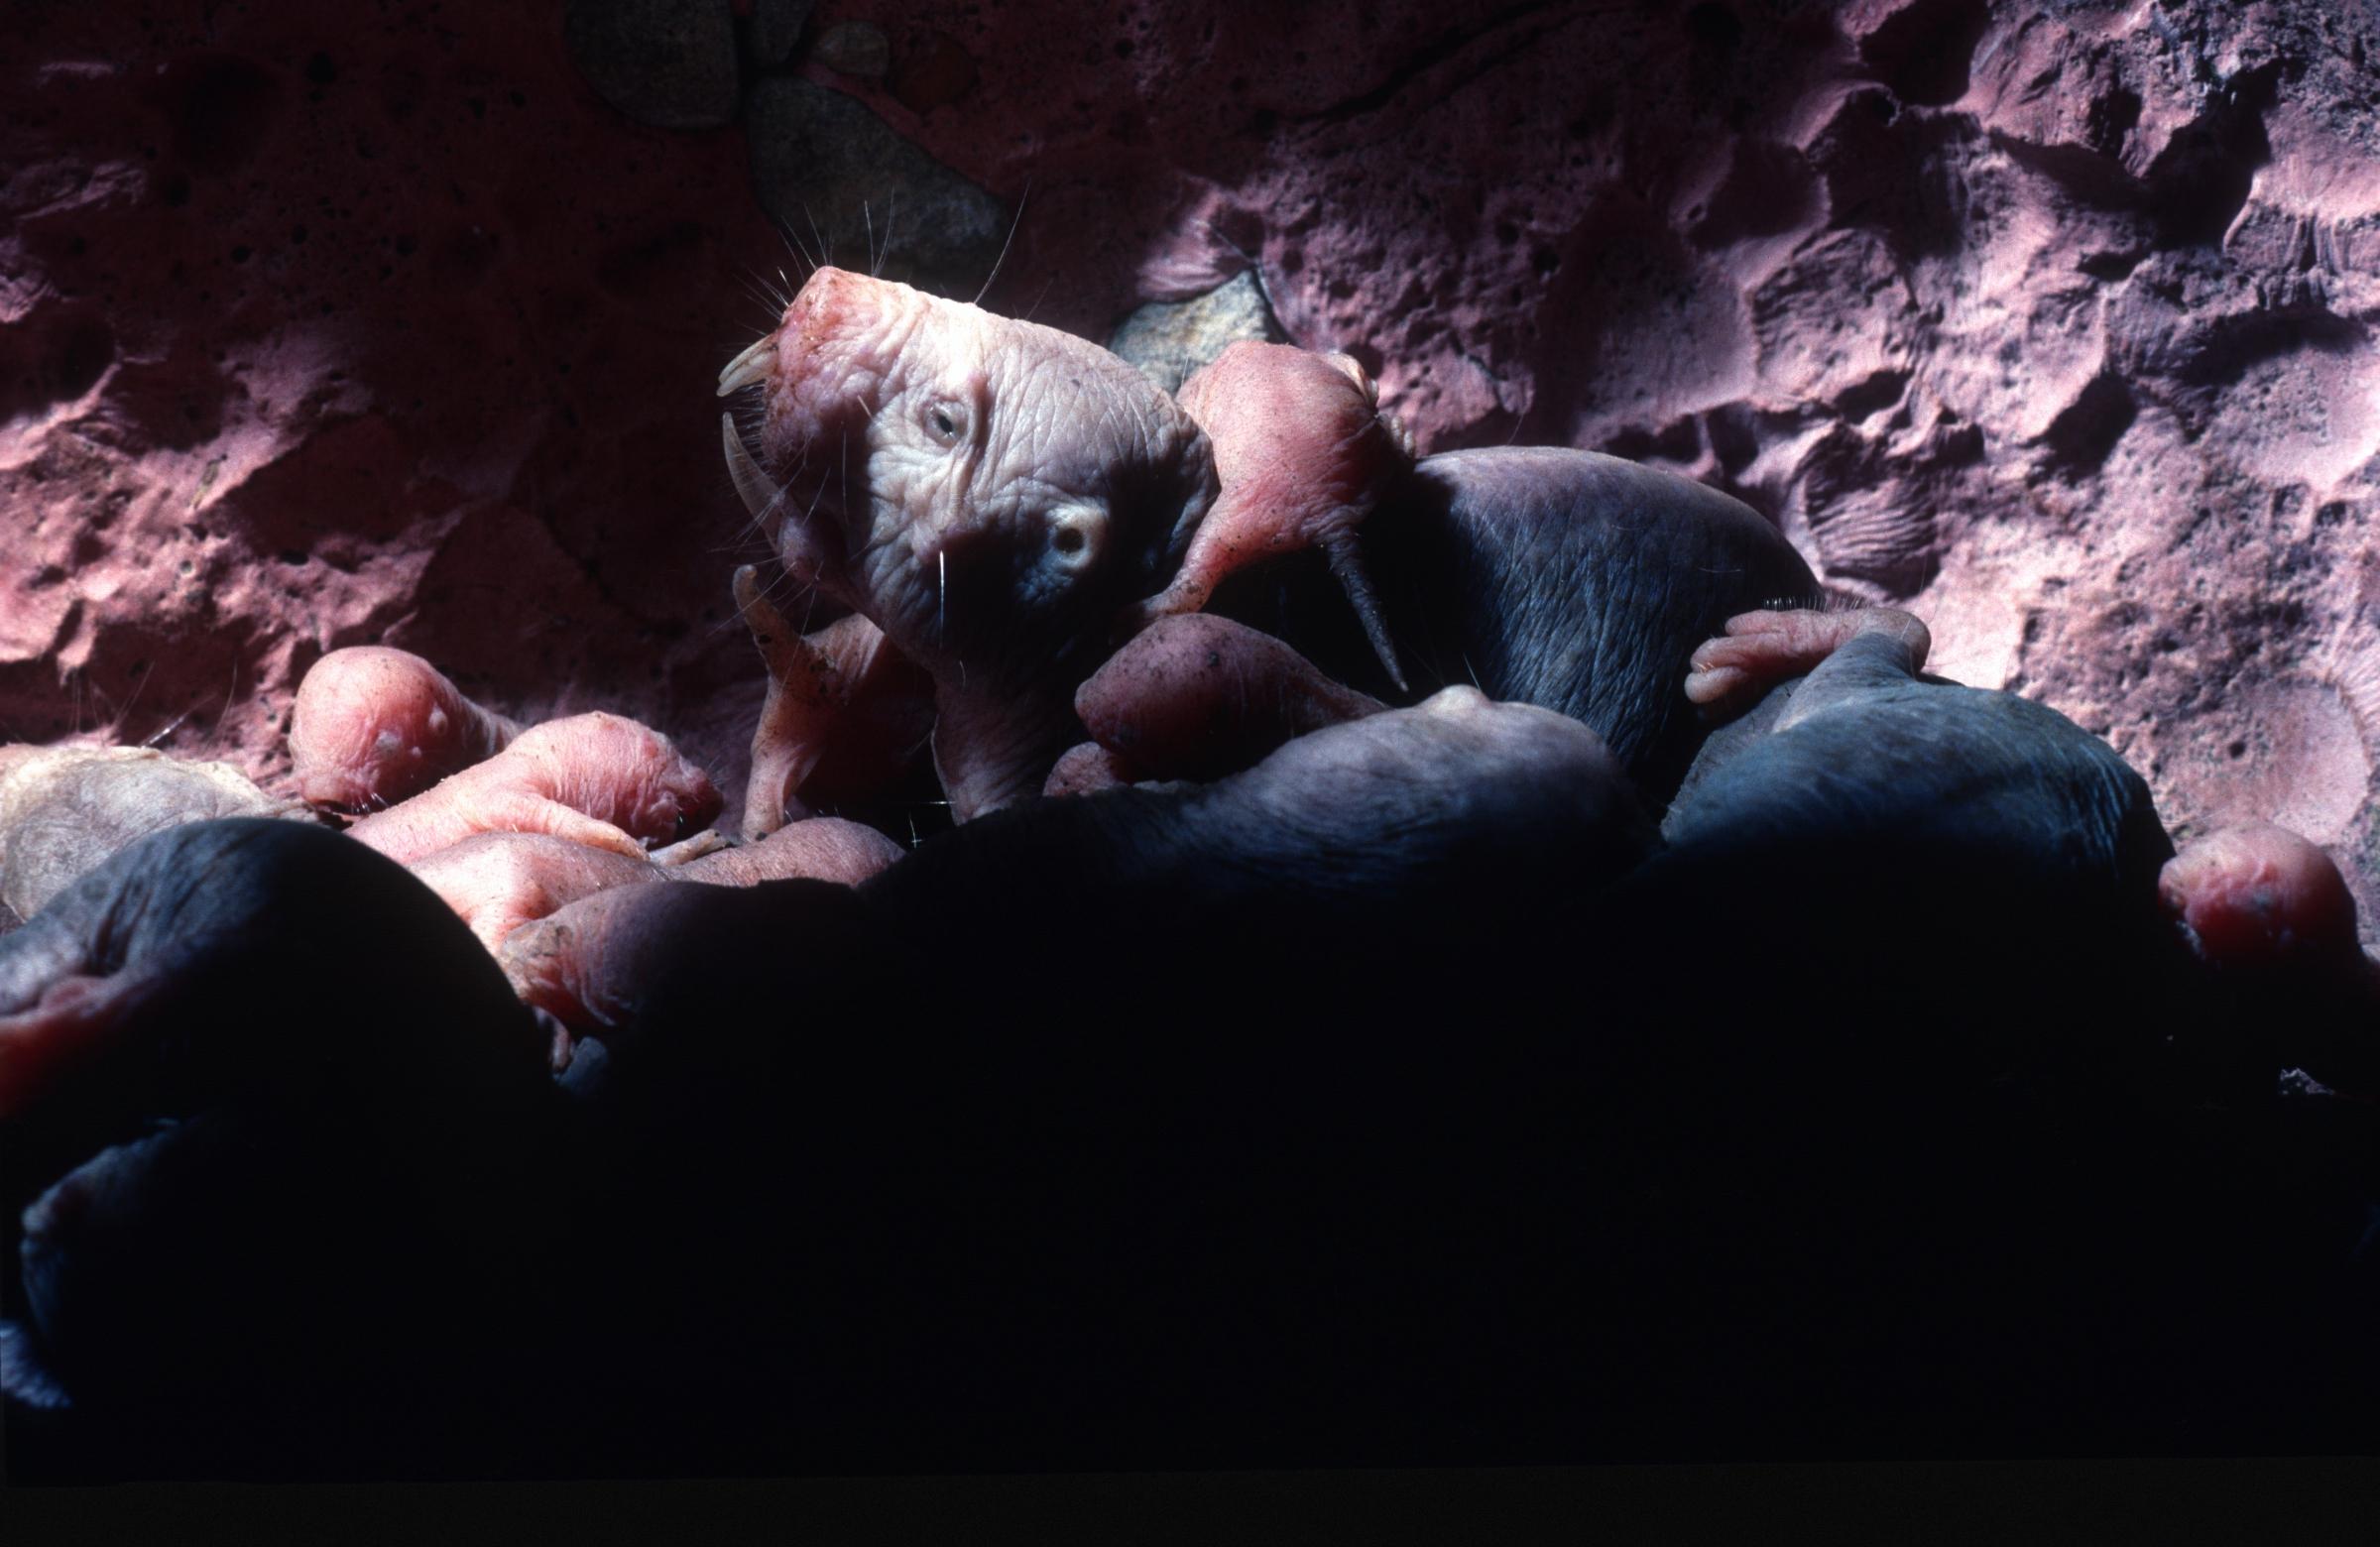 משפחה של חולדים עירומים, shutterstock